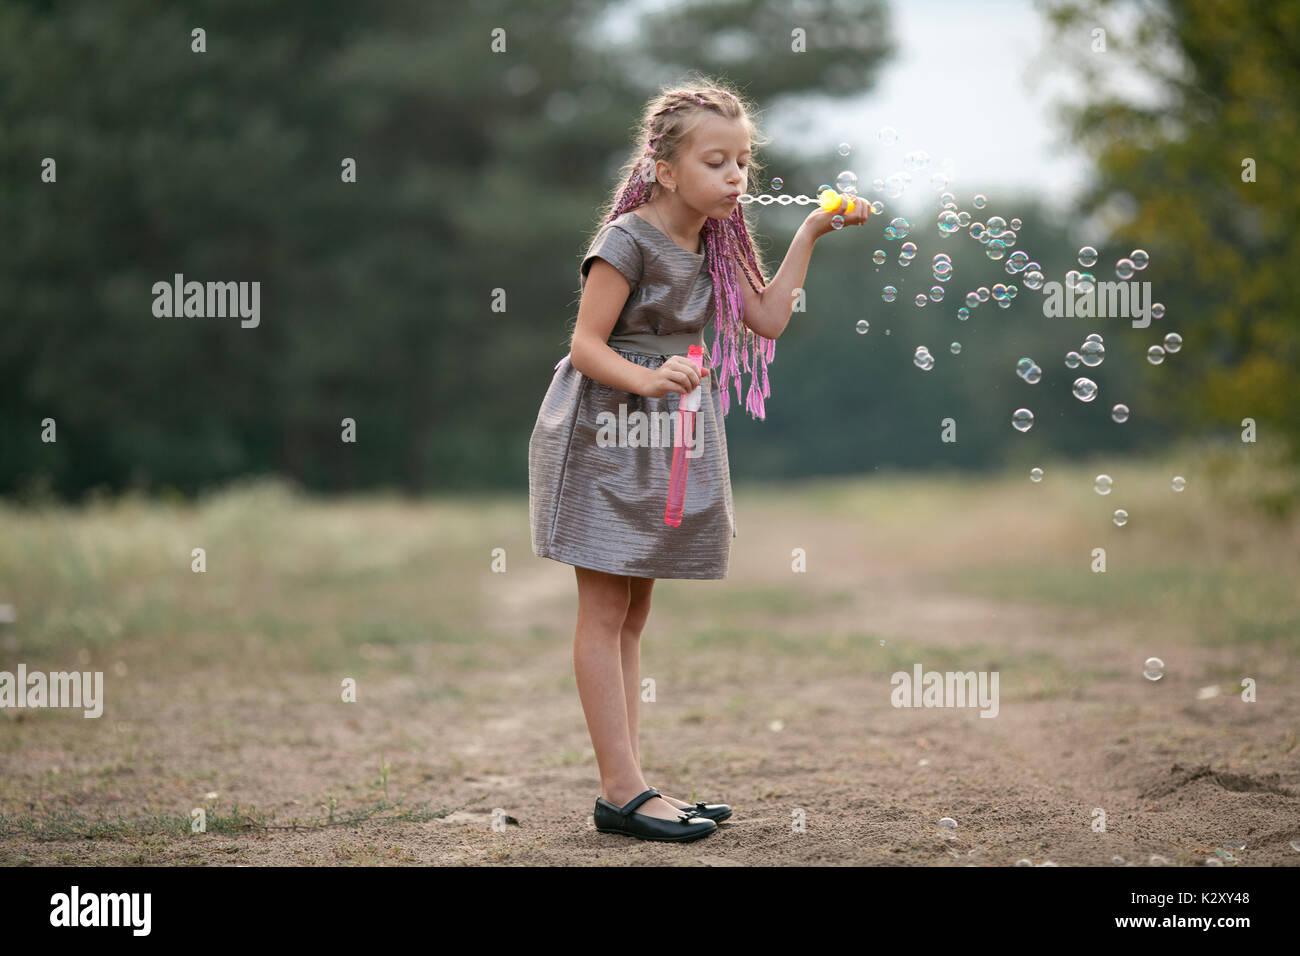 Heureux l'enfant fille avec des tresses soufflant des bulles de savon sur walk in park. Photo Stock